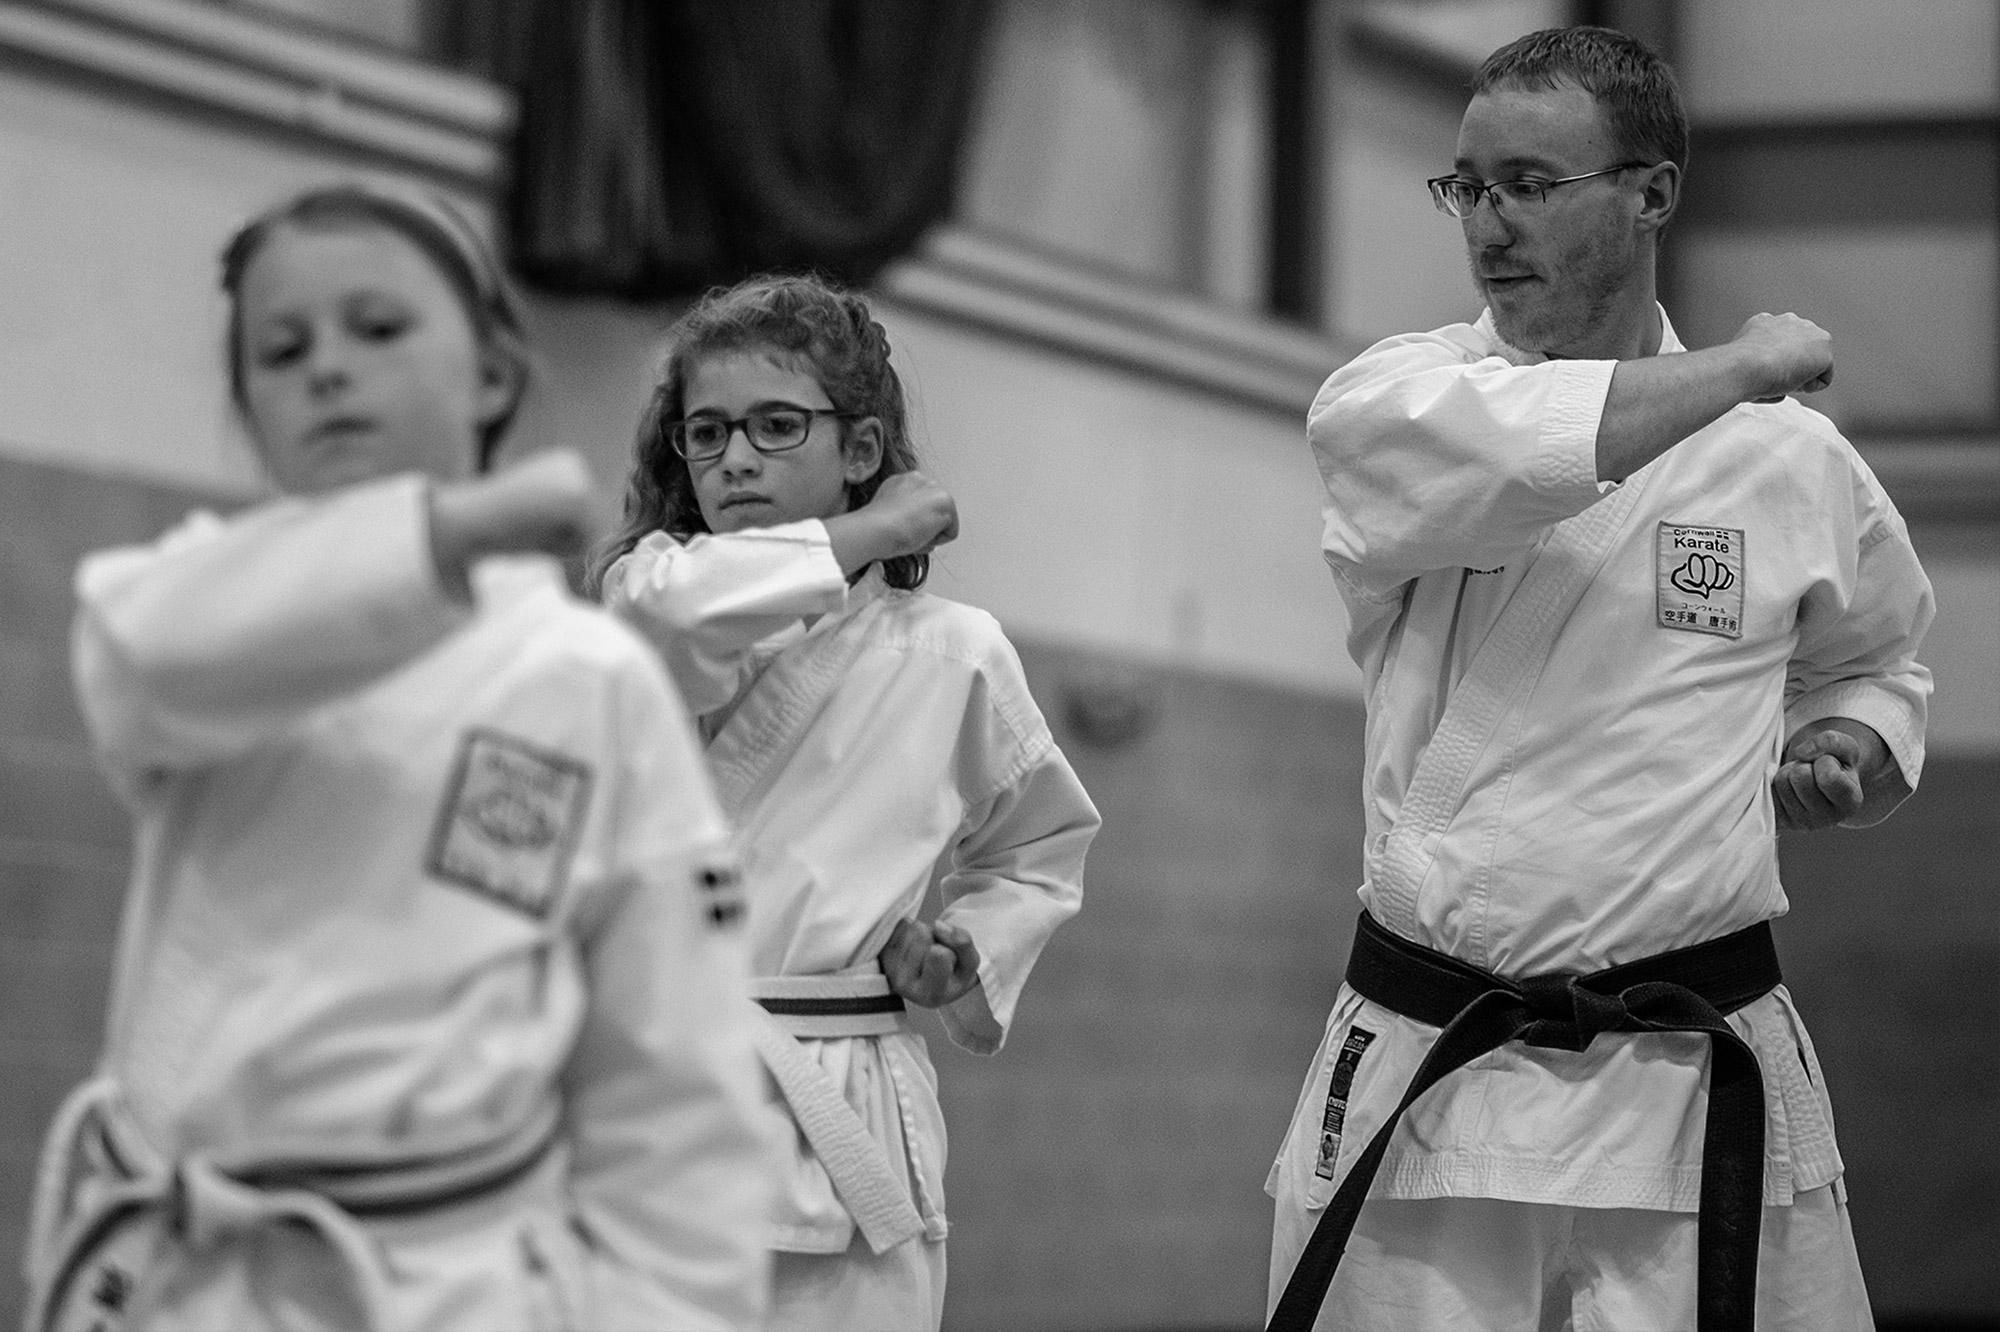 Cornwall Karate